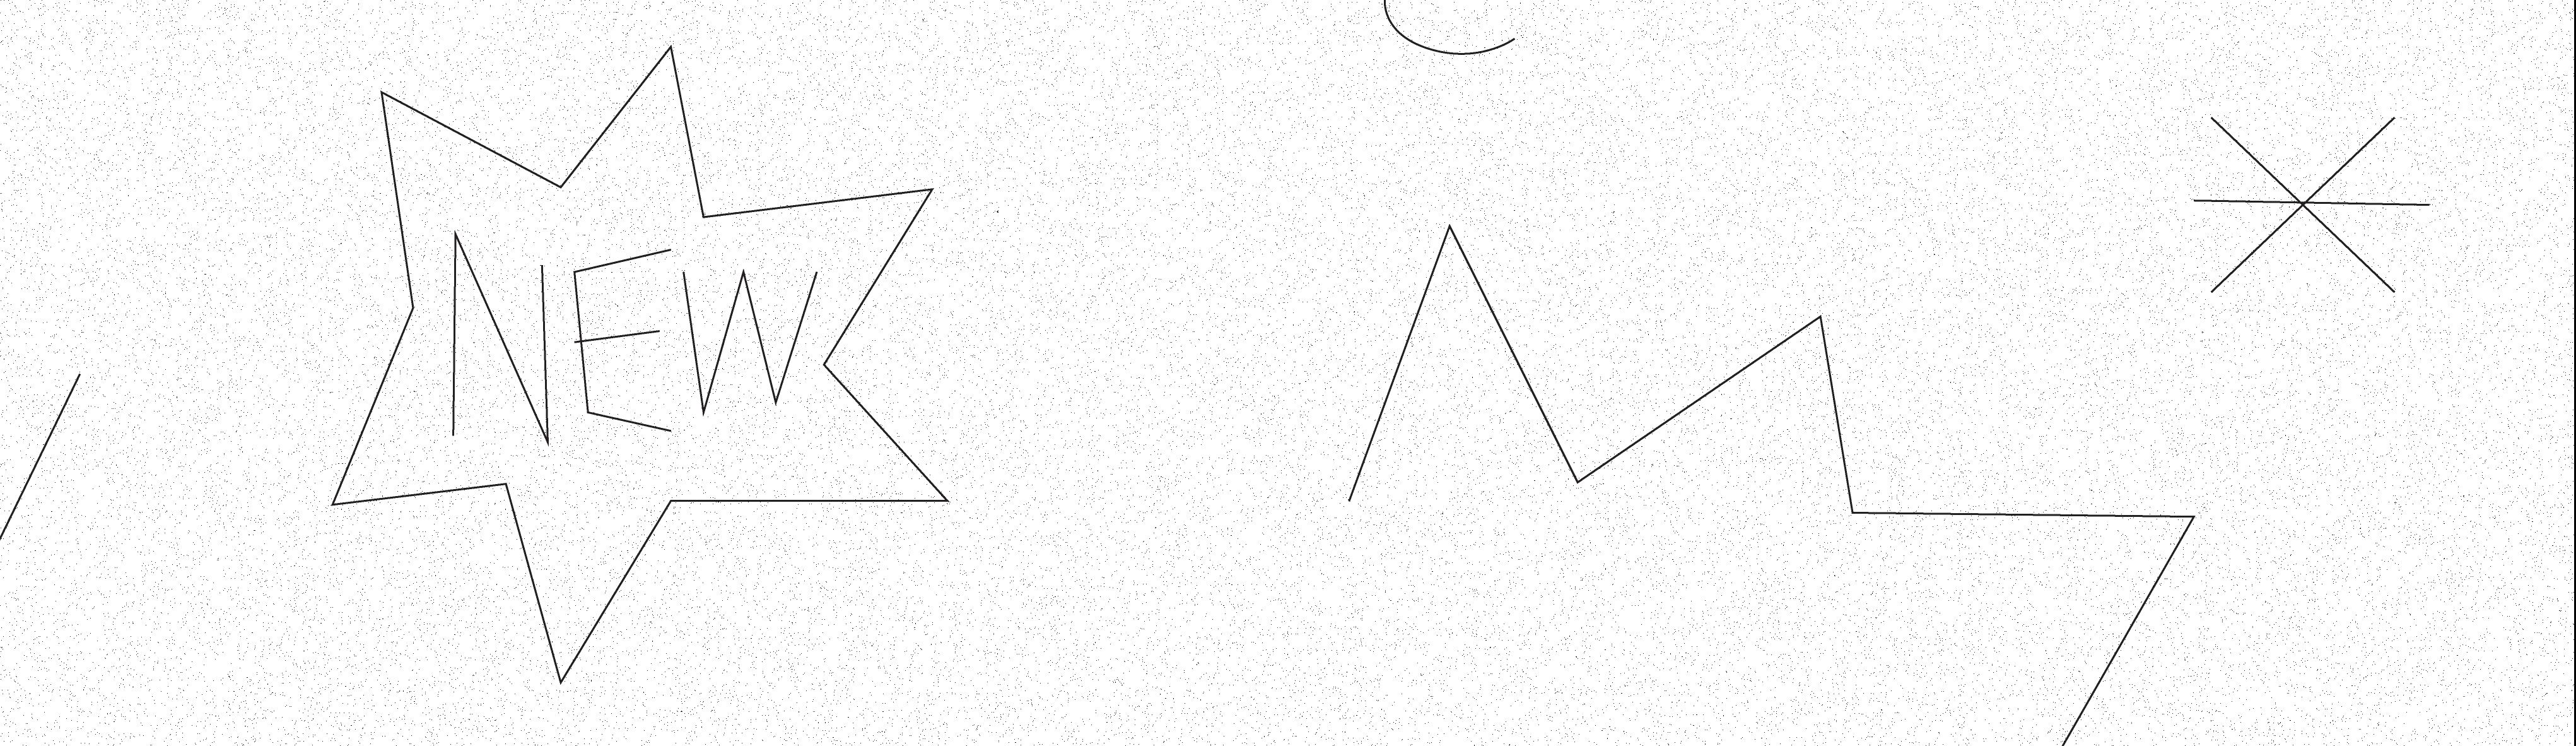 Kurz Figuralni Kresby A Malby Kreslirna Vytvarny Atelier Letna